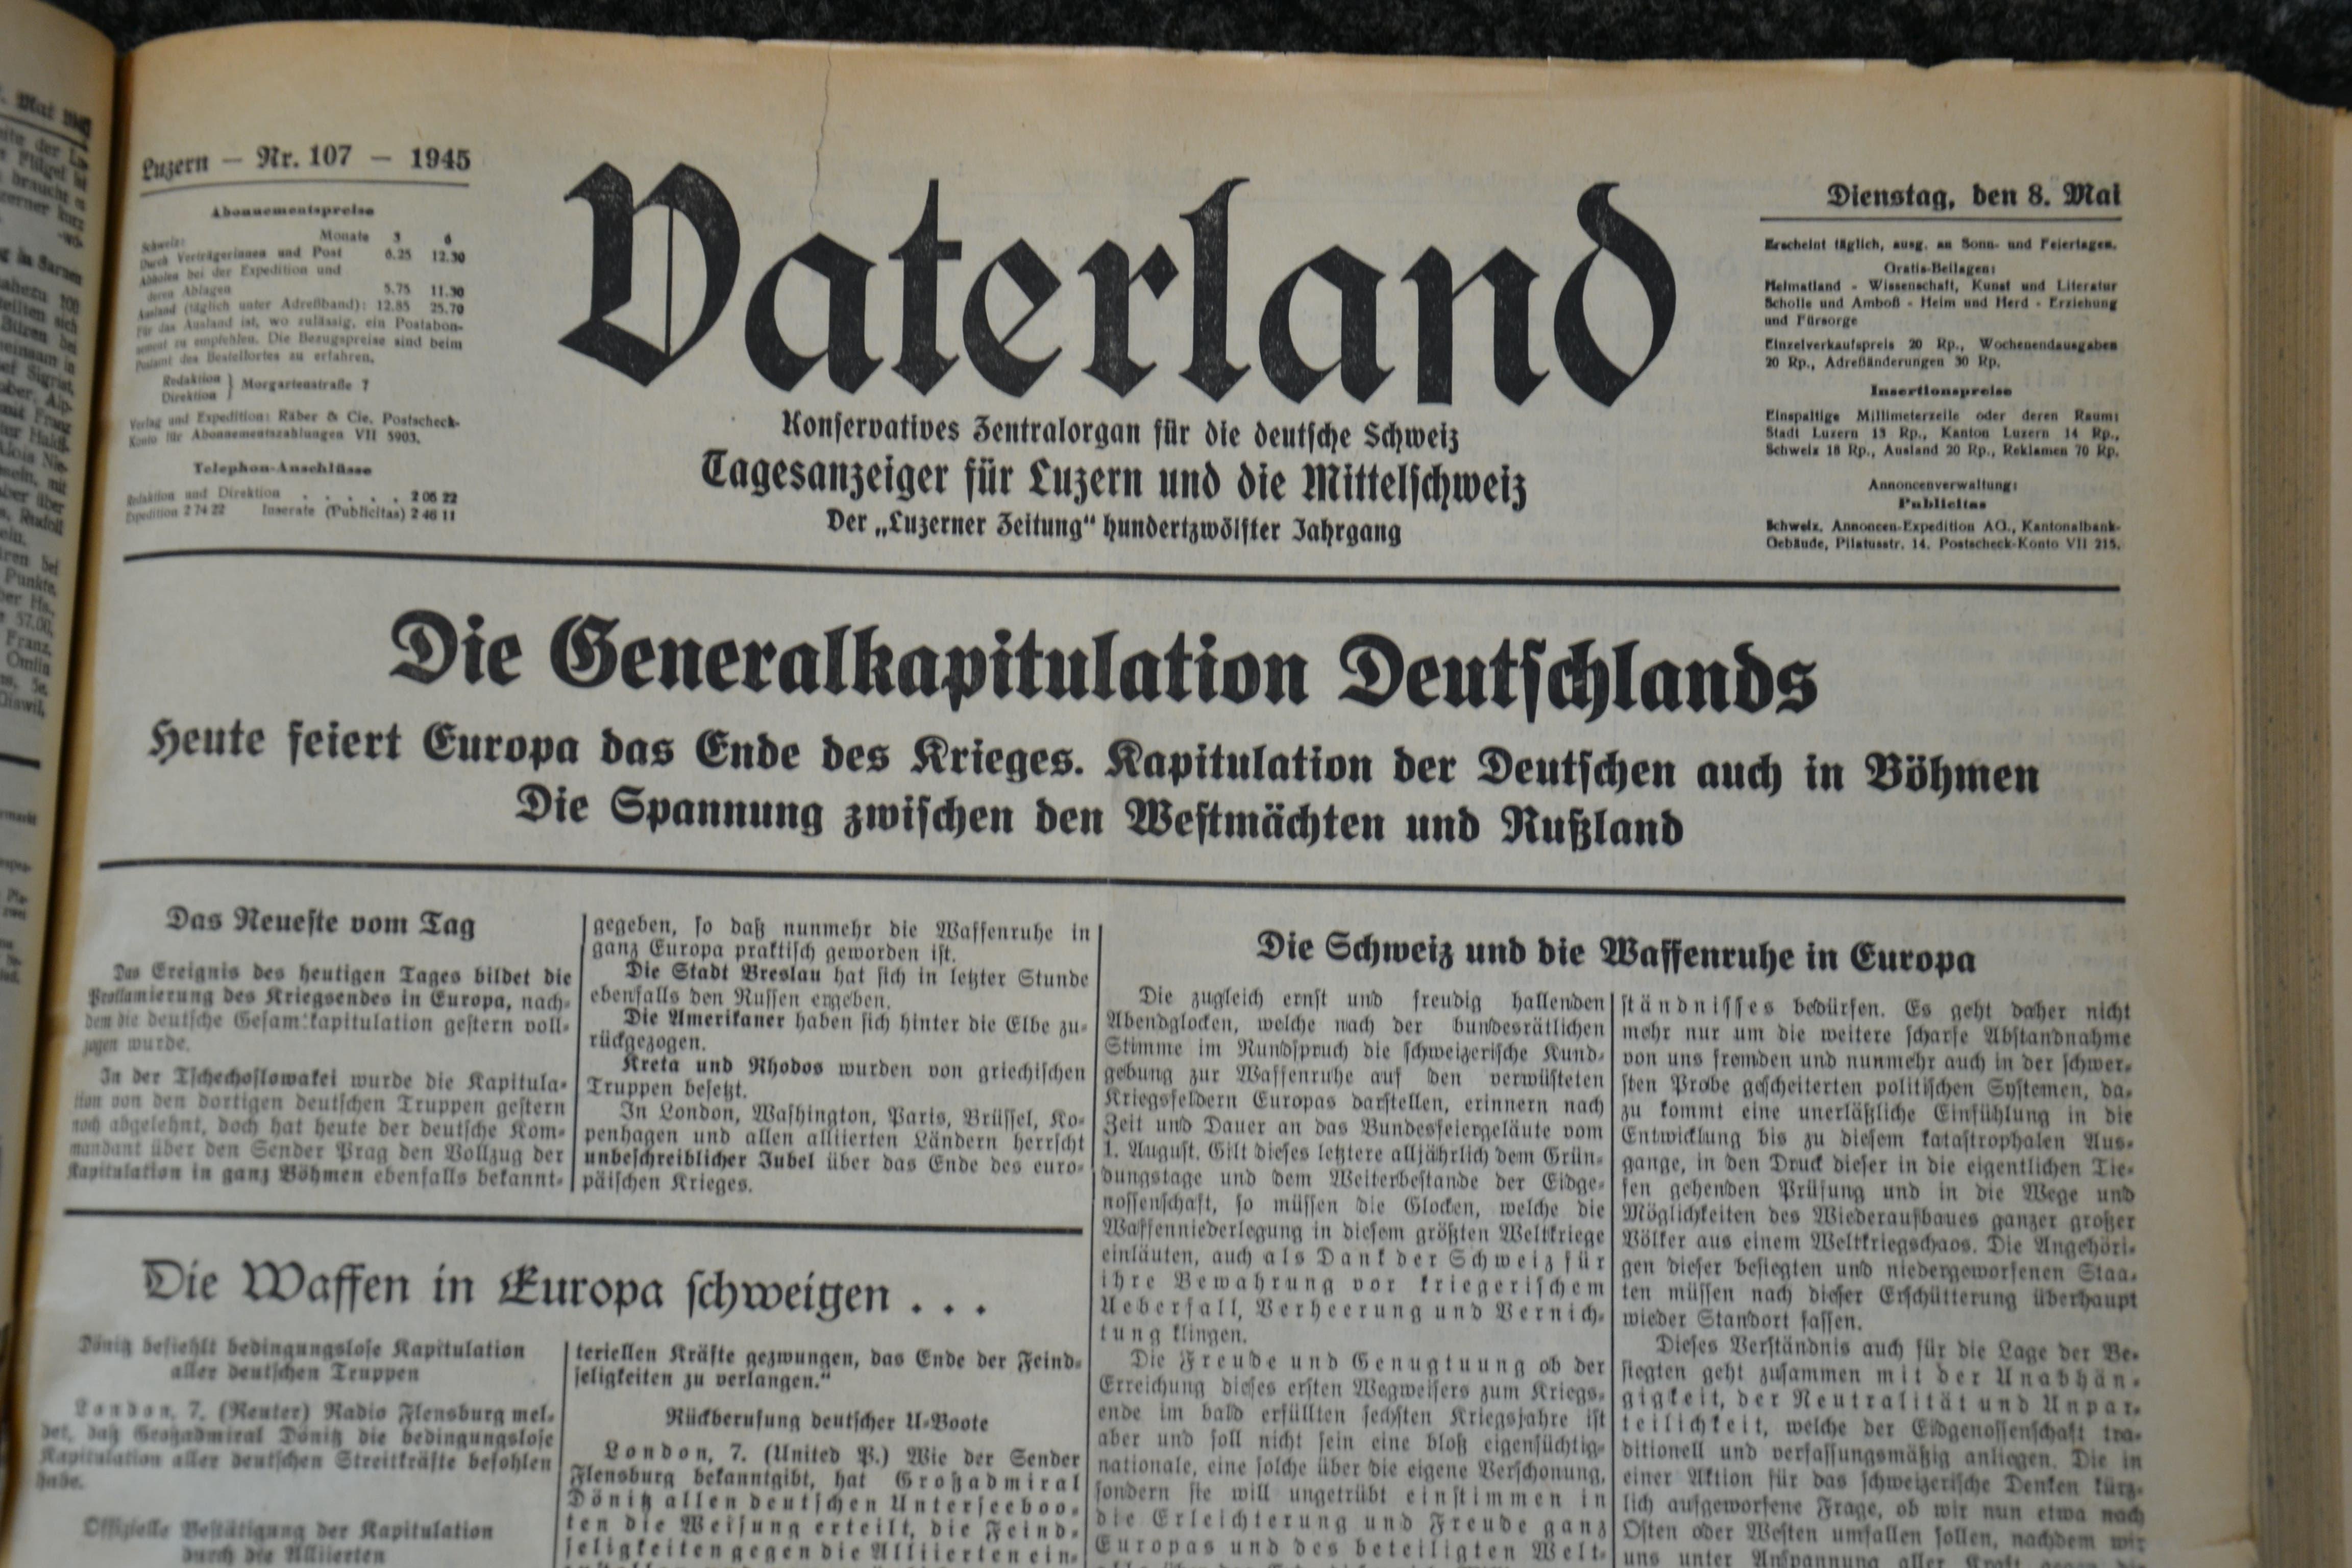 Das Vaterland schrieb: «Die Generalkapitulation Deutschlands.»